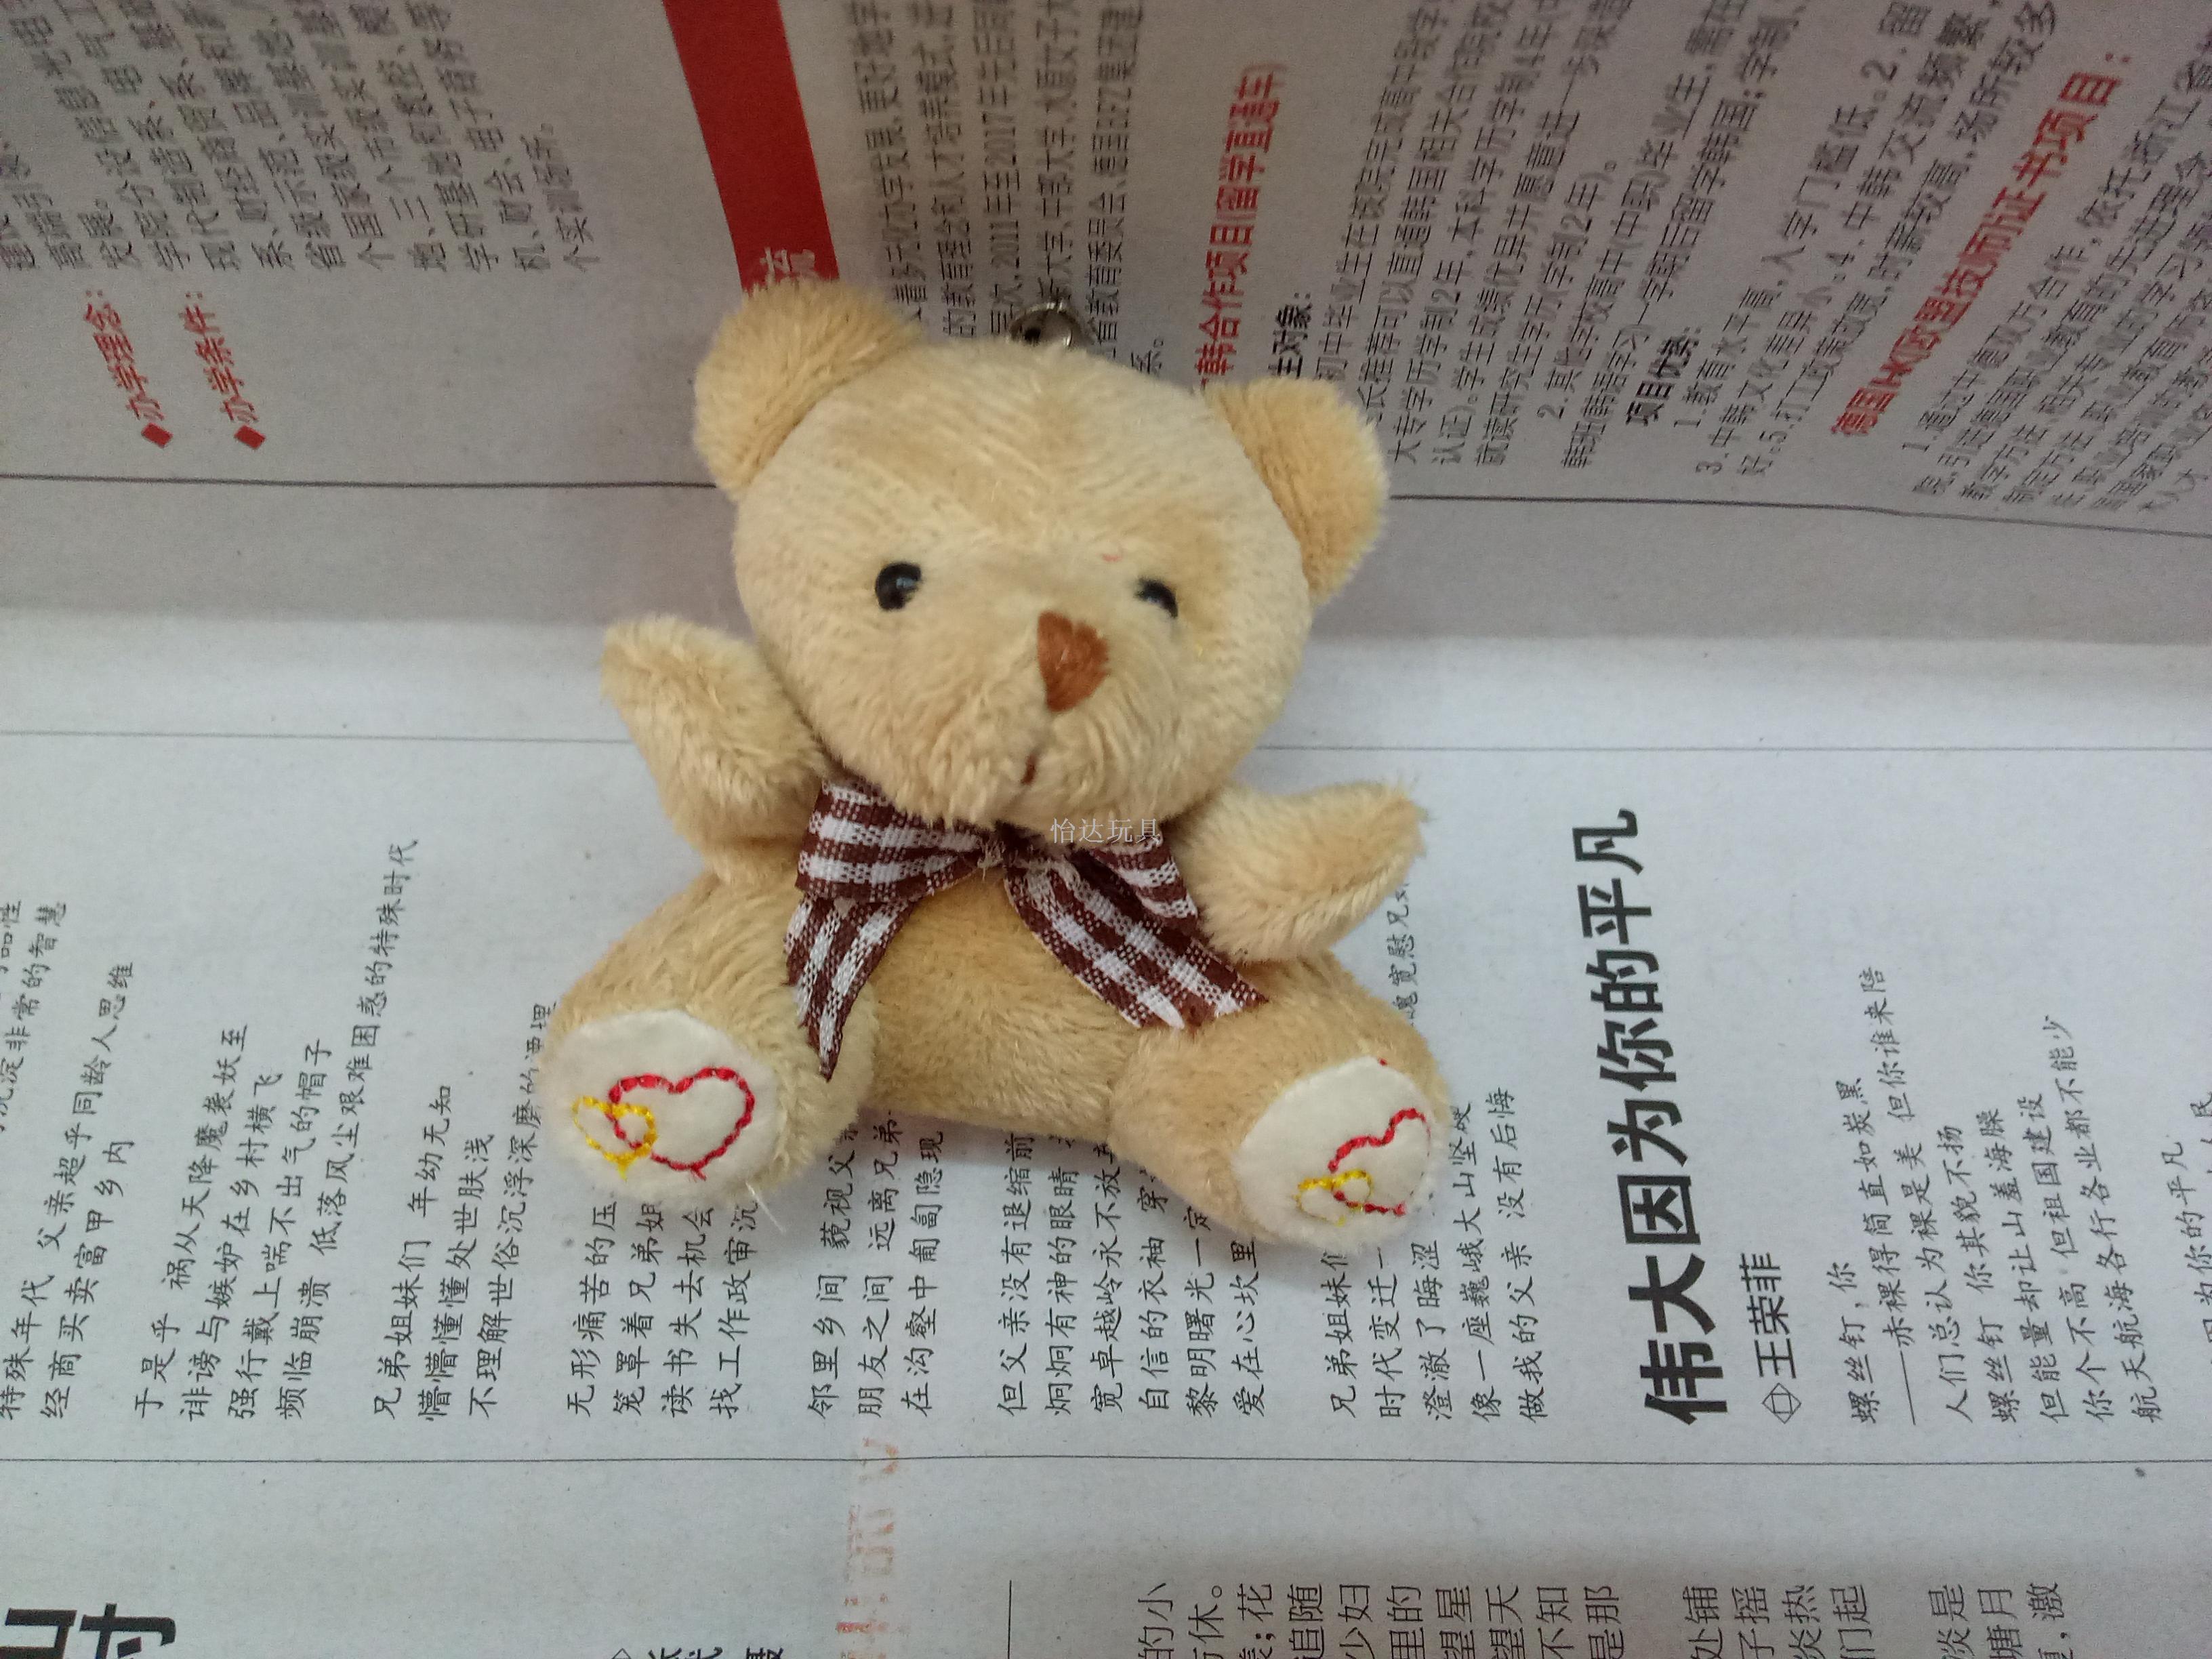 迷你可爱格子小熊毛绒挂件外贸小熊花束小熊_义乌市